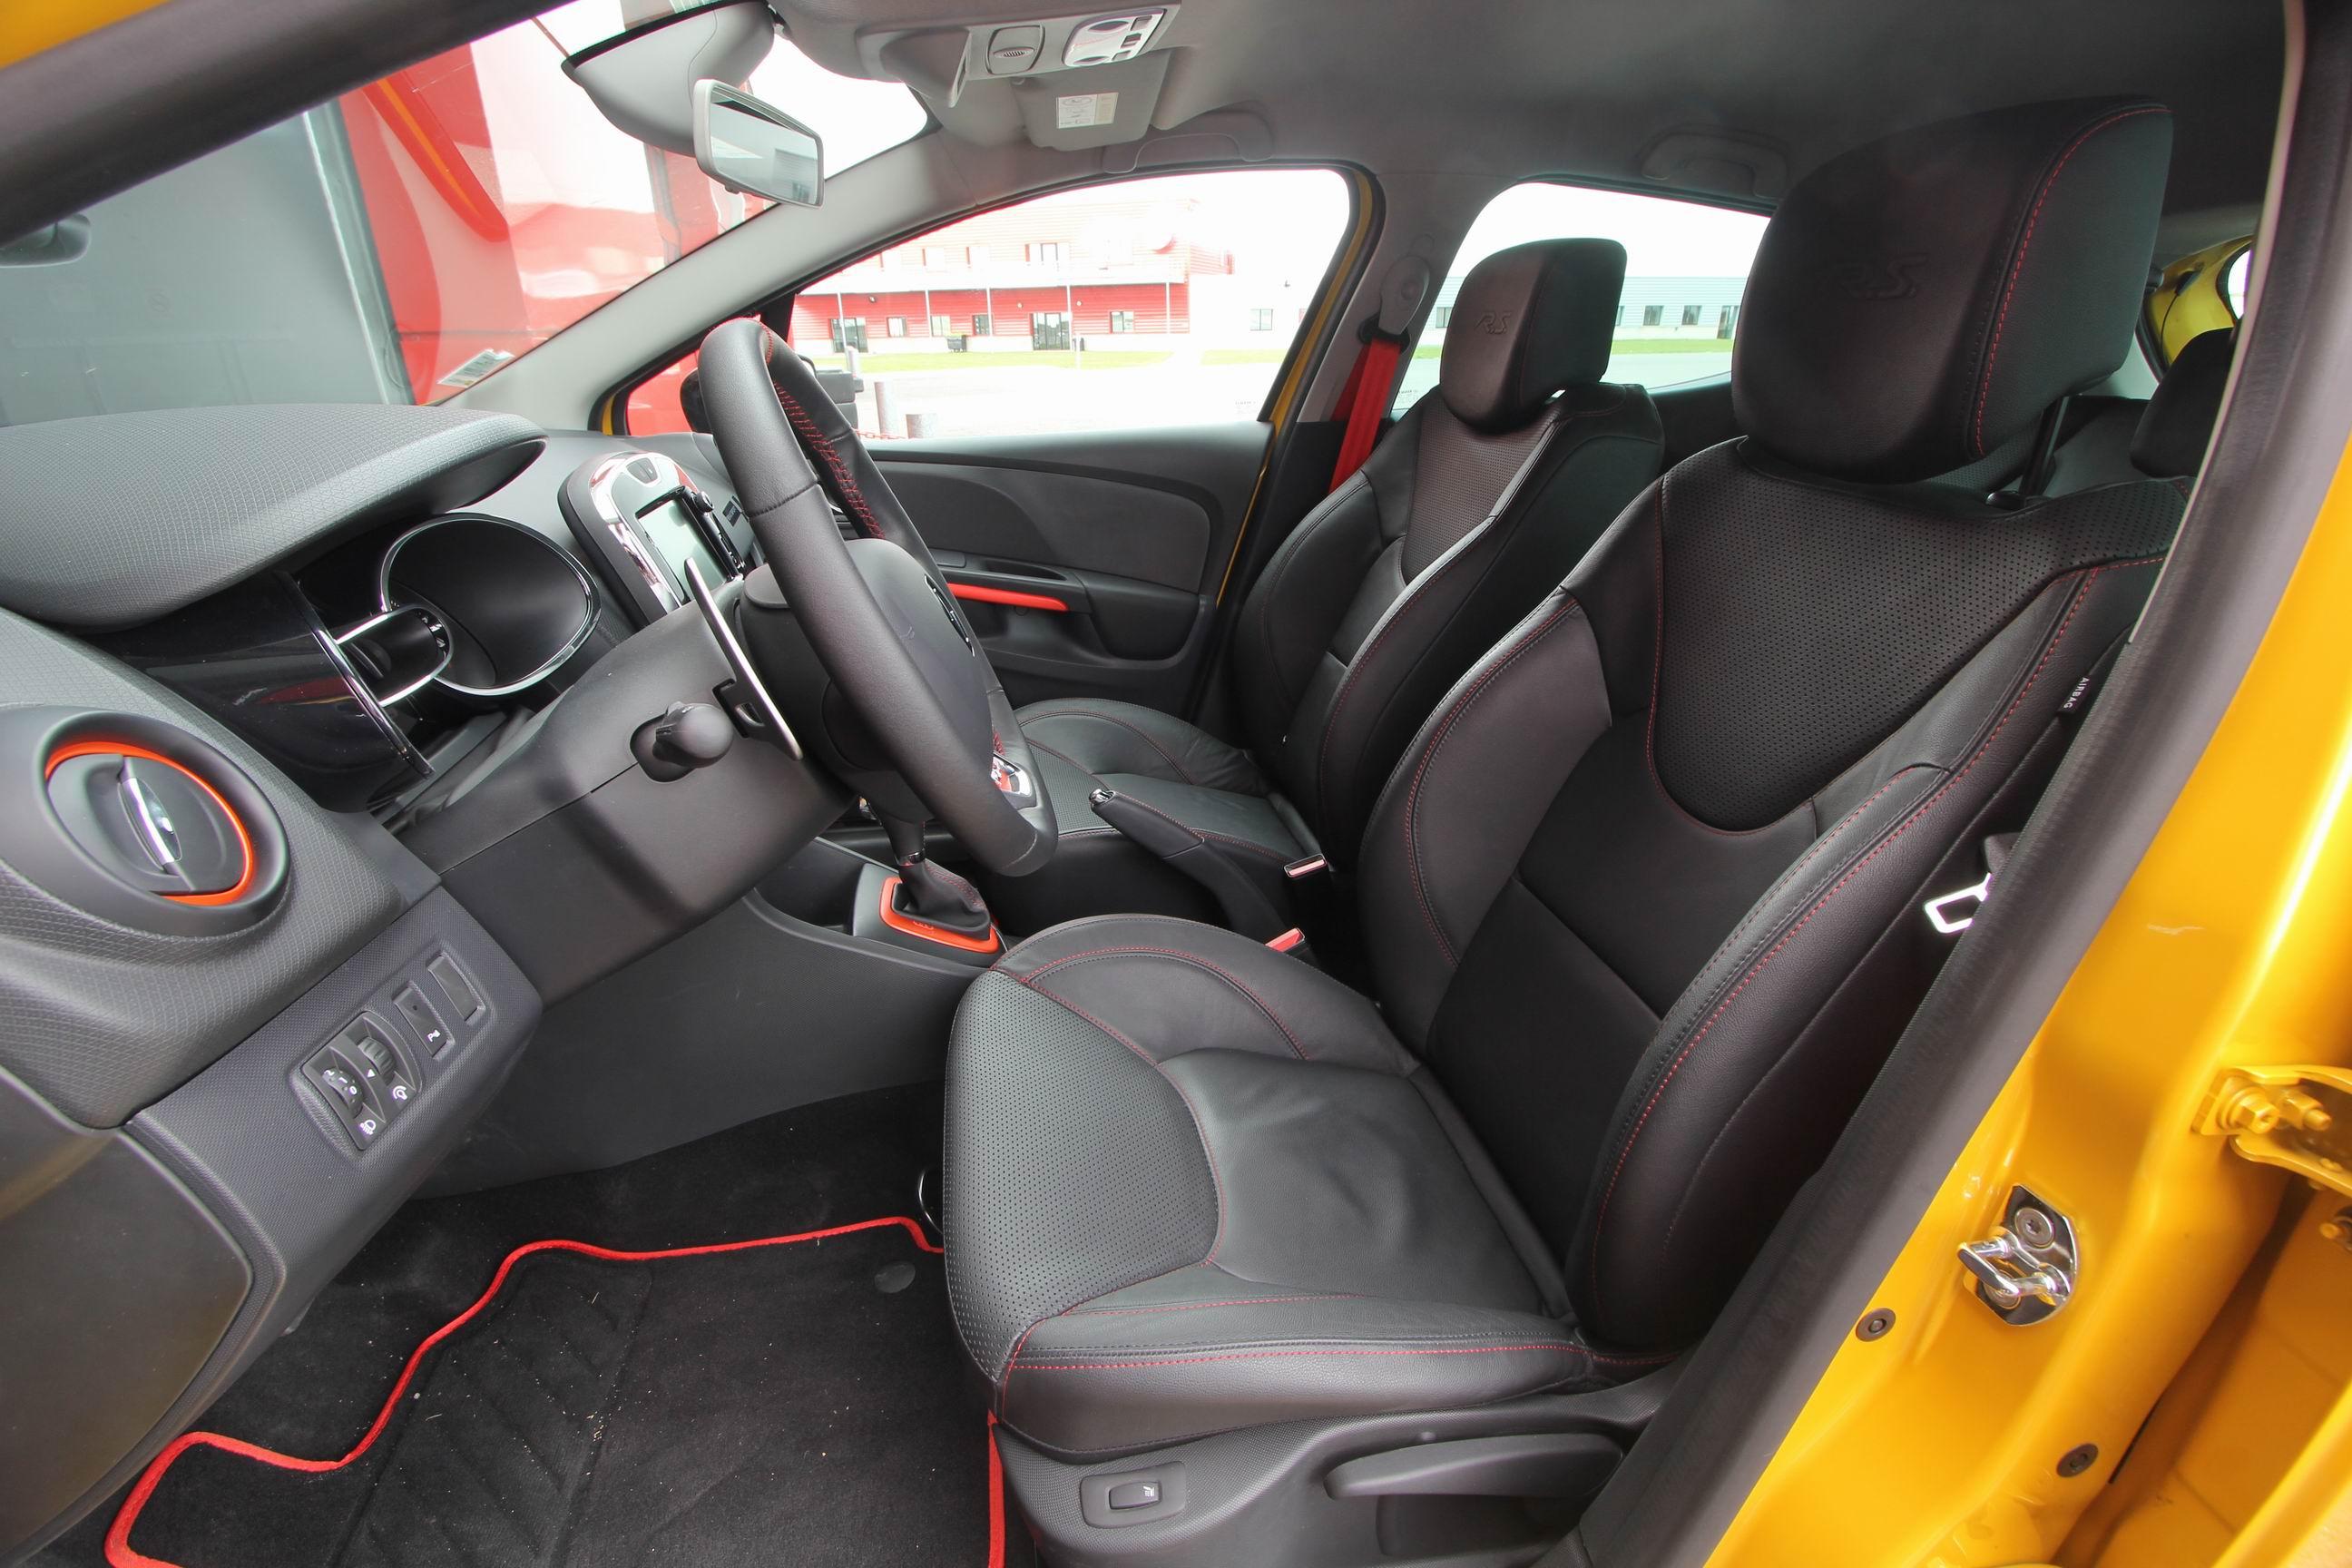 Souvent Mondial de l'auto de Paris 2012 - Renault Clio IV R.S - Dark-Cars  MY58